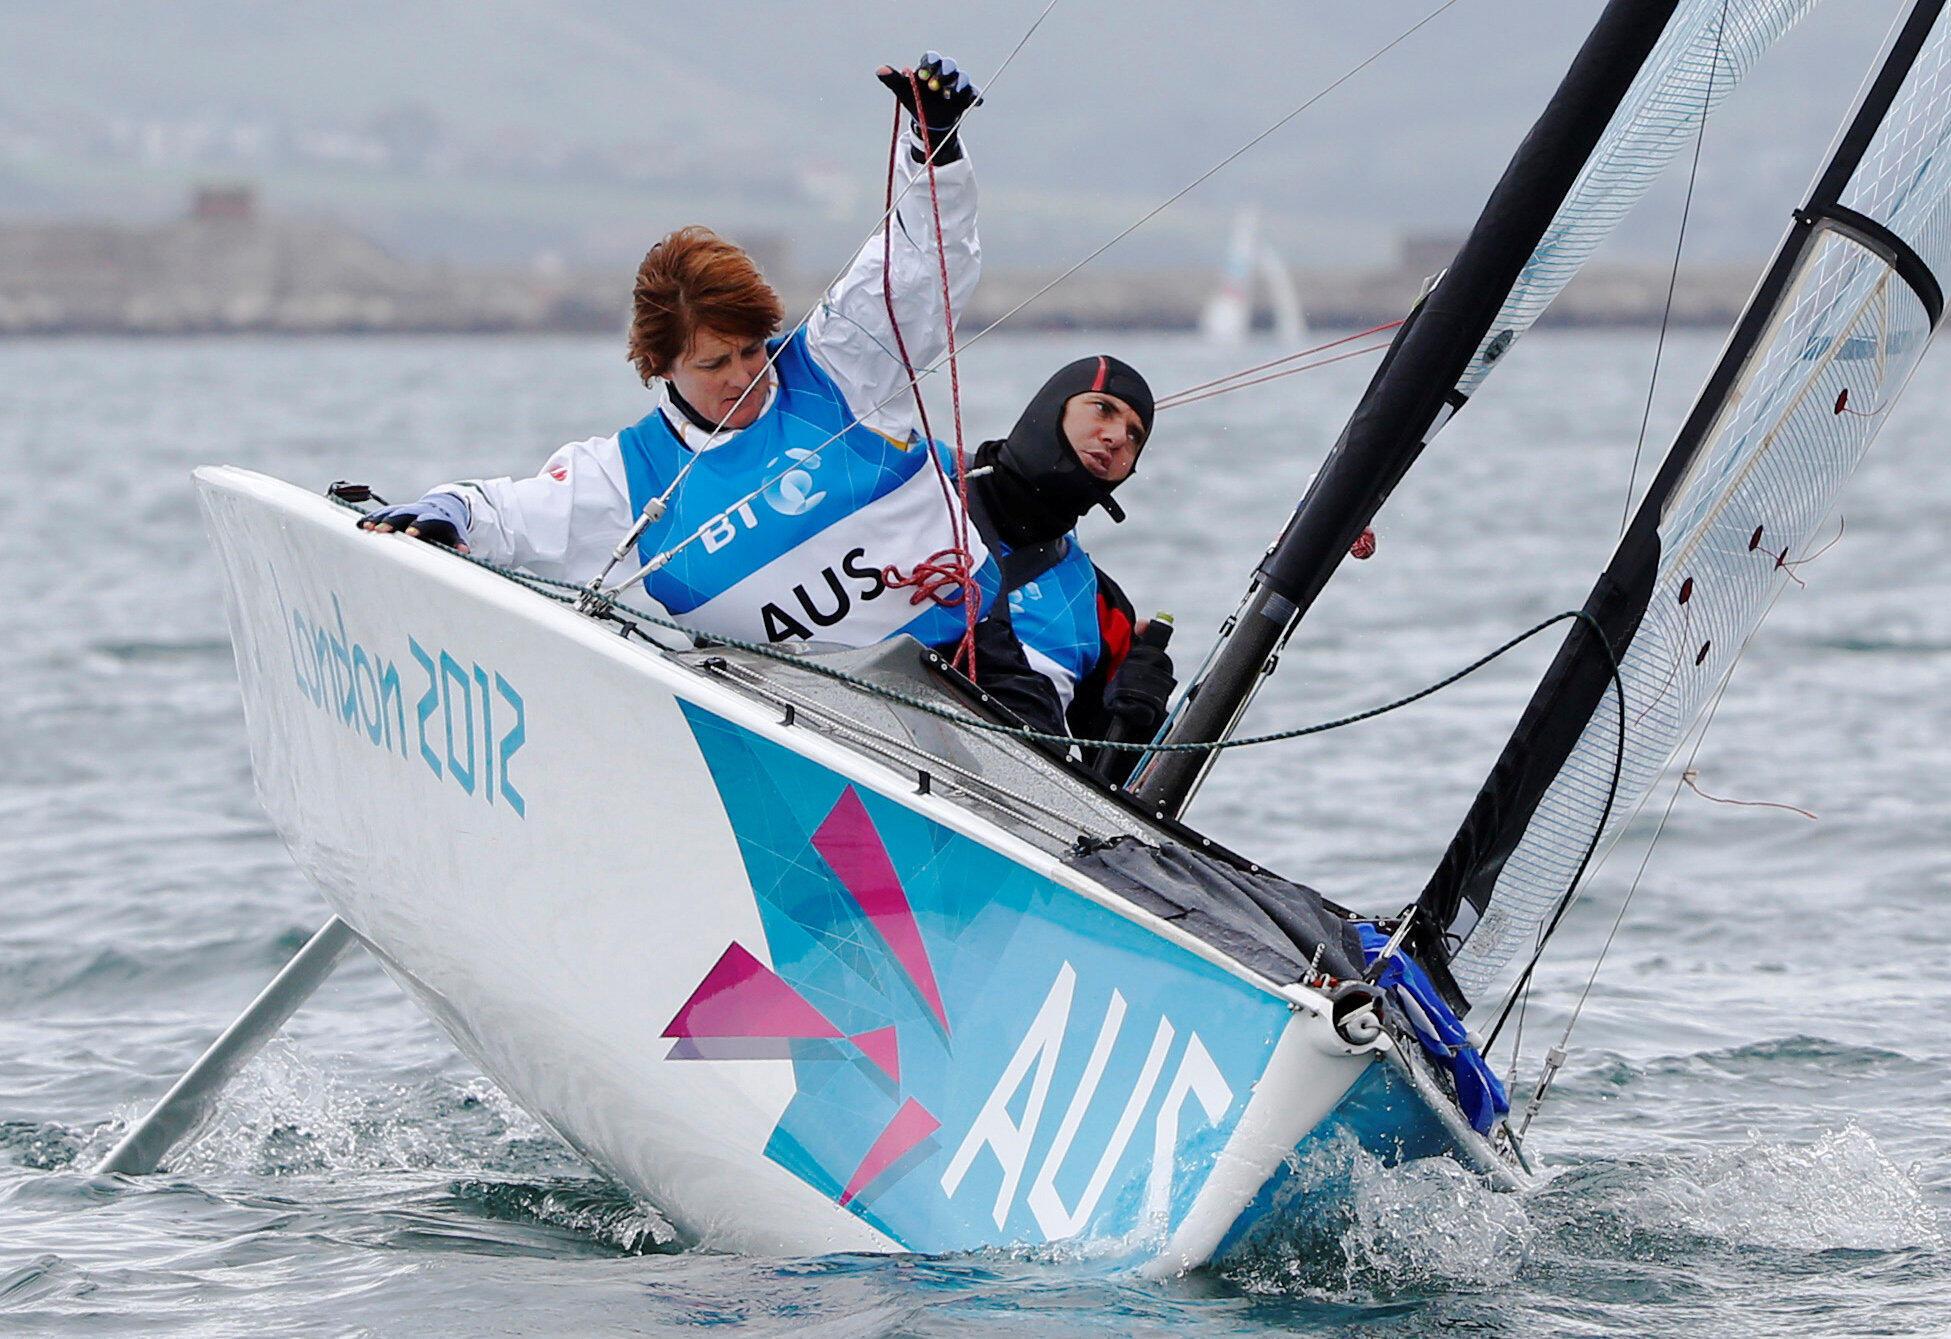 A  atleta  paralímpica Liesl Tesch (esquerda) foi assaltada neste domingo(19), no Rio de Janeiro.